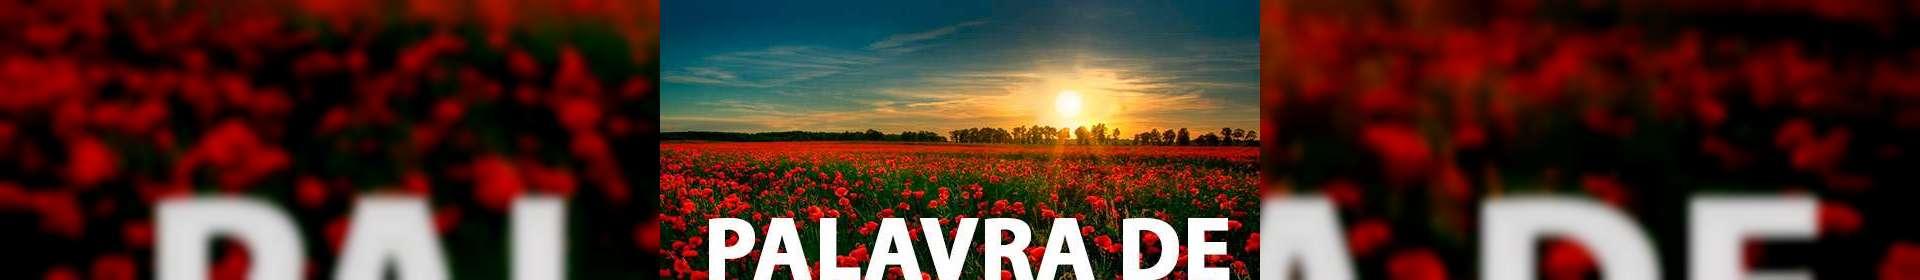 Salmos 137:2 - Uma Palavra de Esperança para sua vida